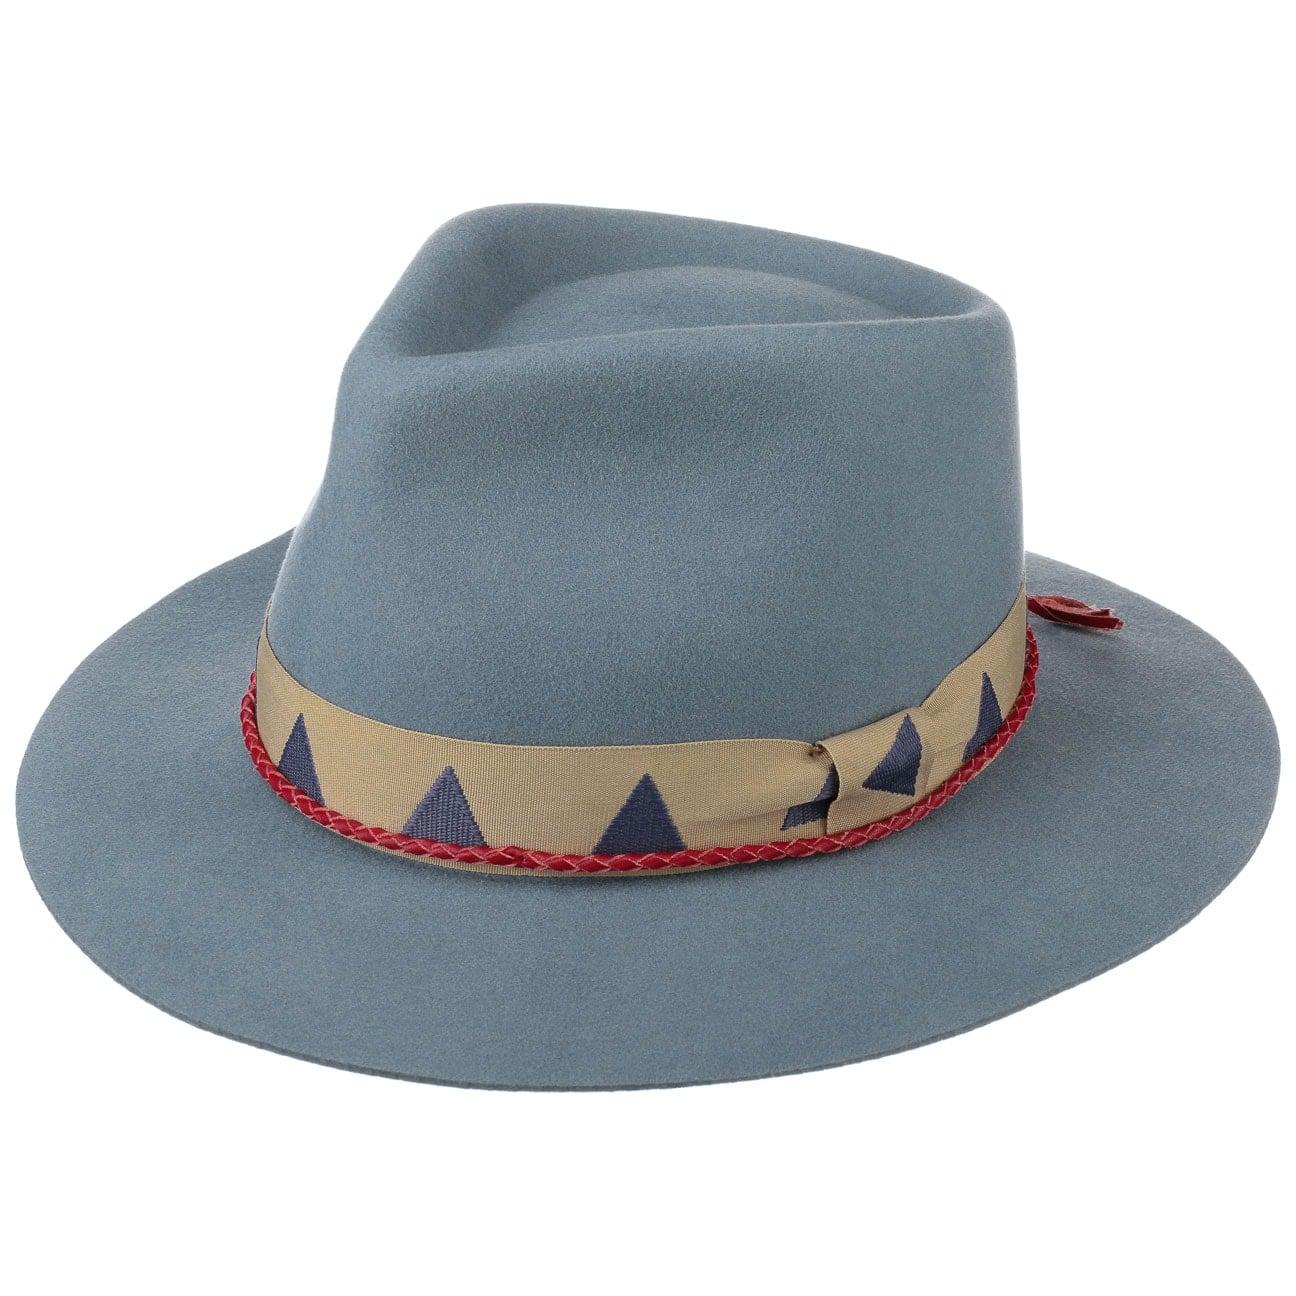 Chapeau en Feutre Venice Fedora by Brixton  chapeau pour femme